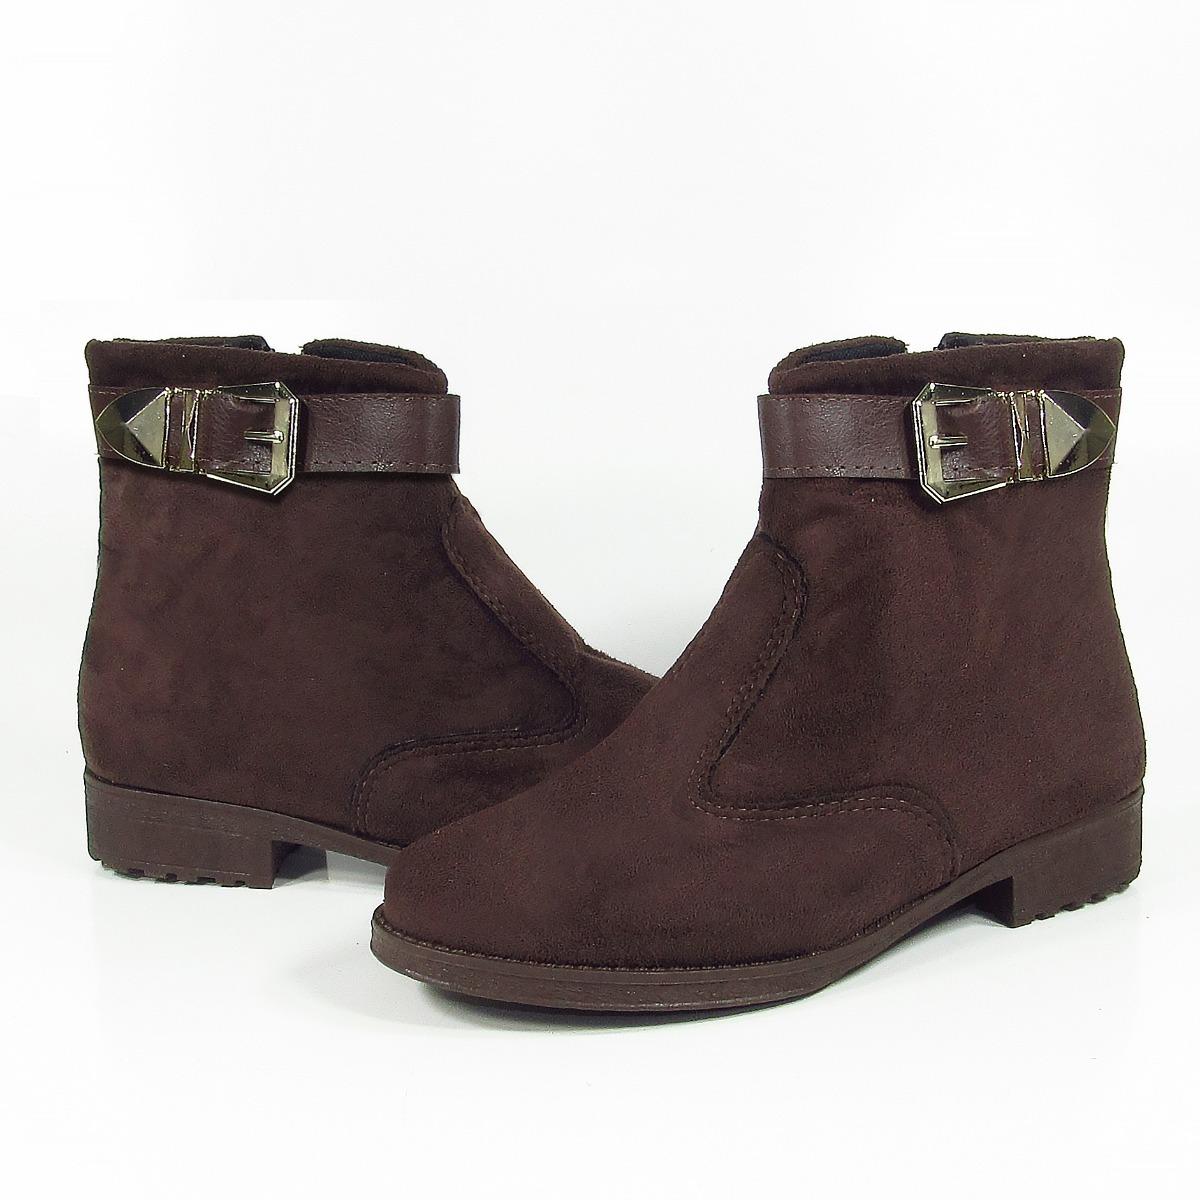 e56ad4af55 bota feminina cano curto zíper camurça marrom montaria linda. Carregando  zoom.